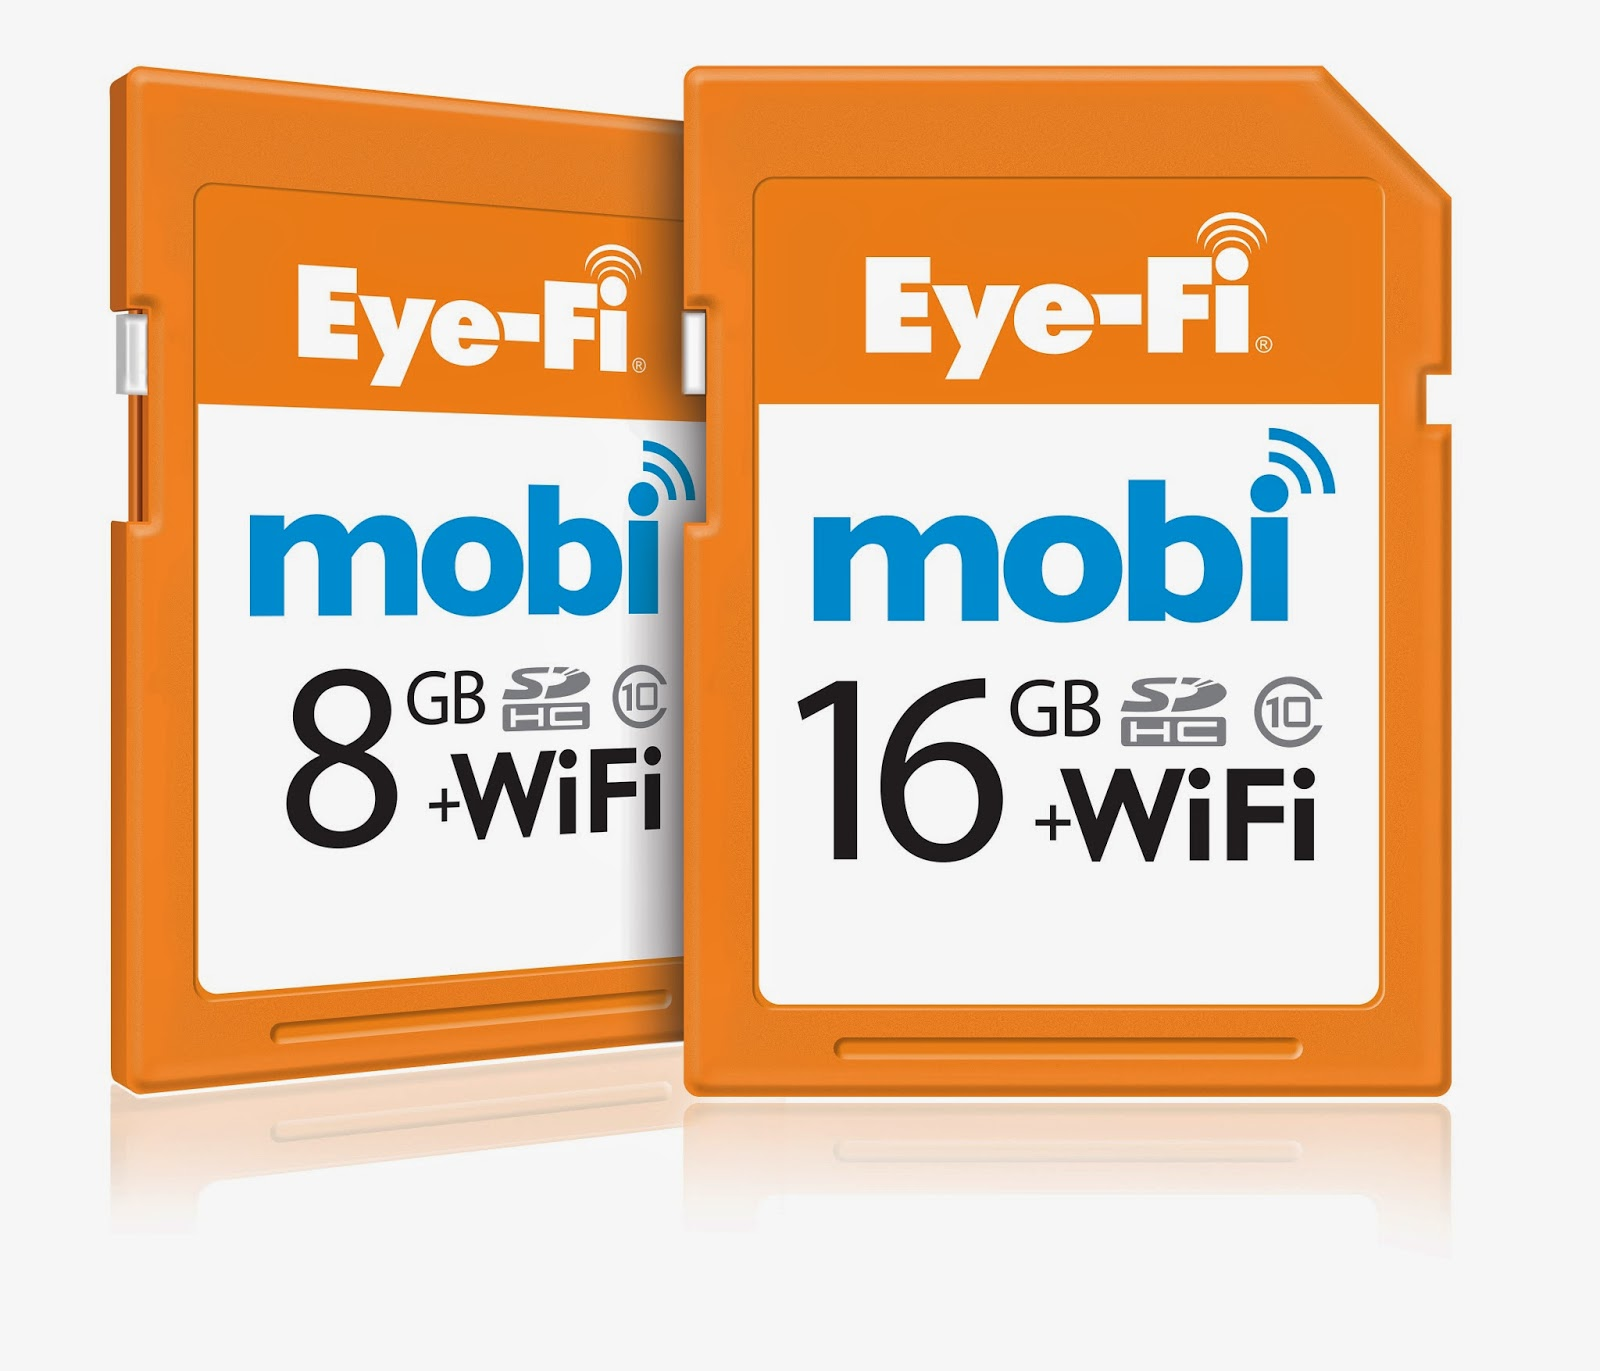 بطاقة الذاكرة eyefi